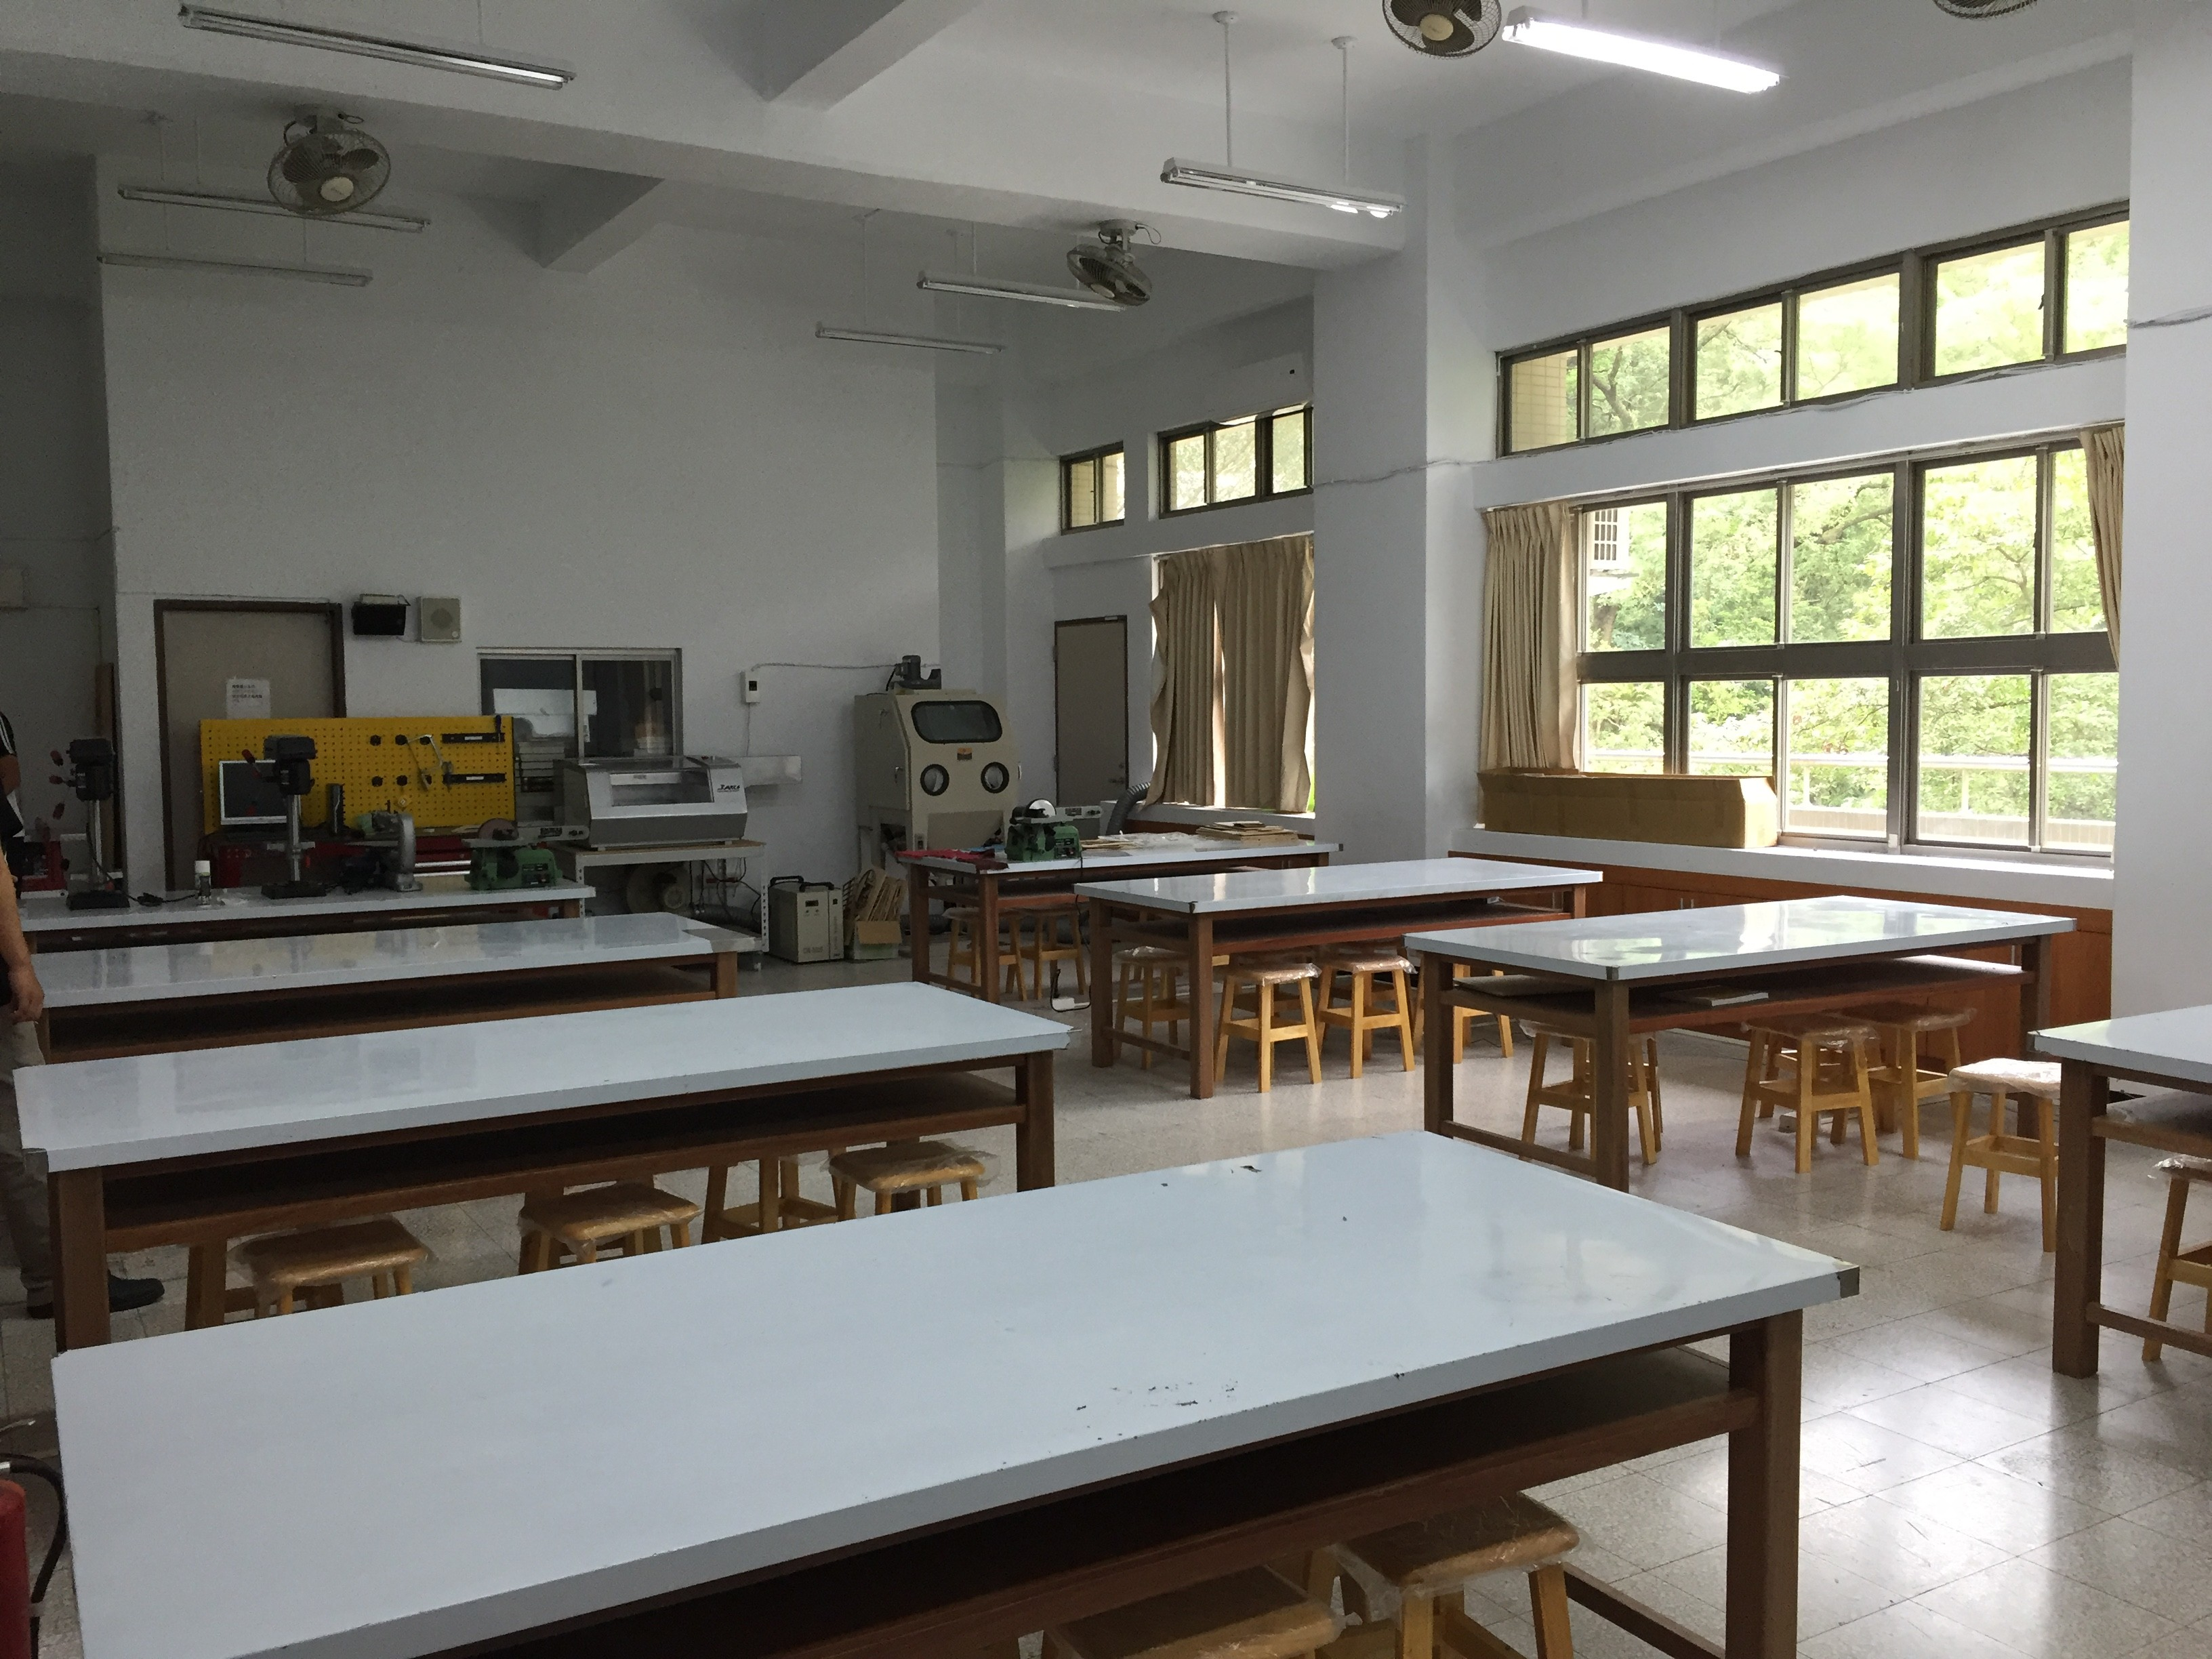 安康高中現有的生活科技教室後方擺放了各種課程用機具